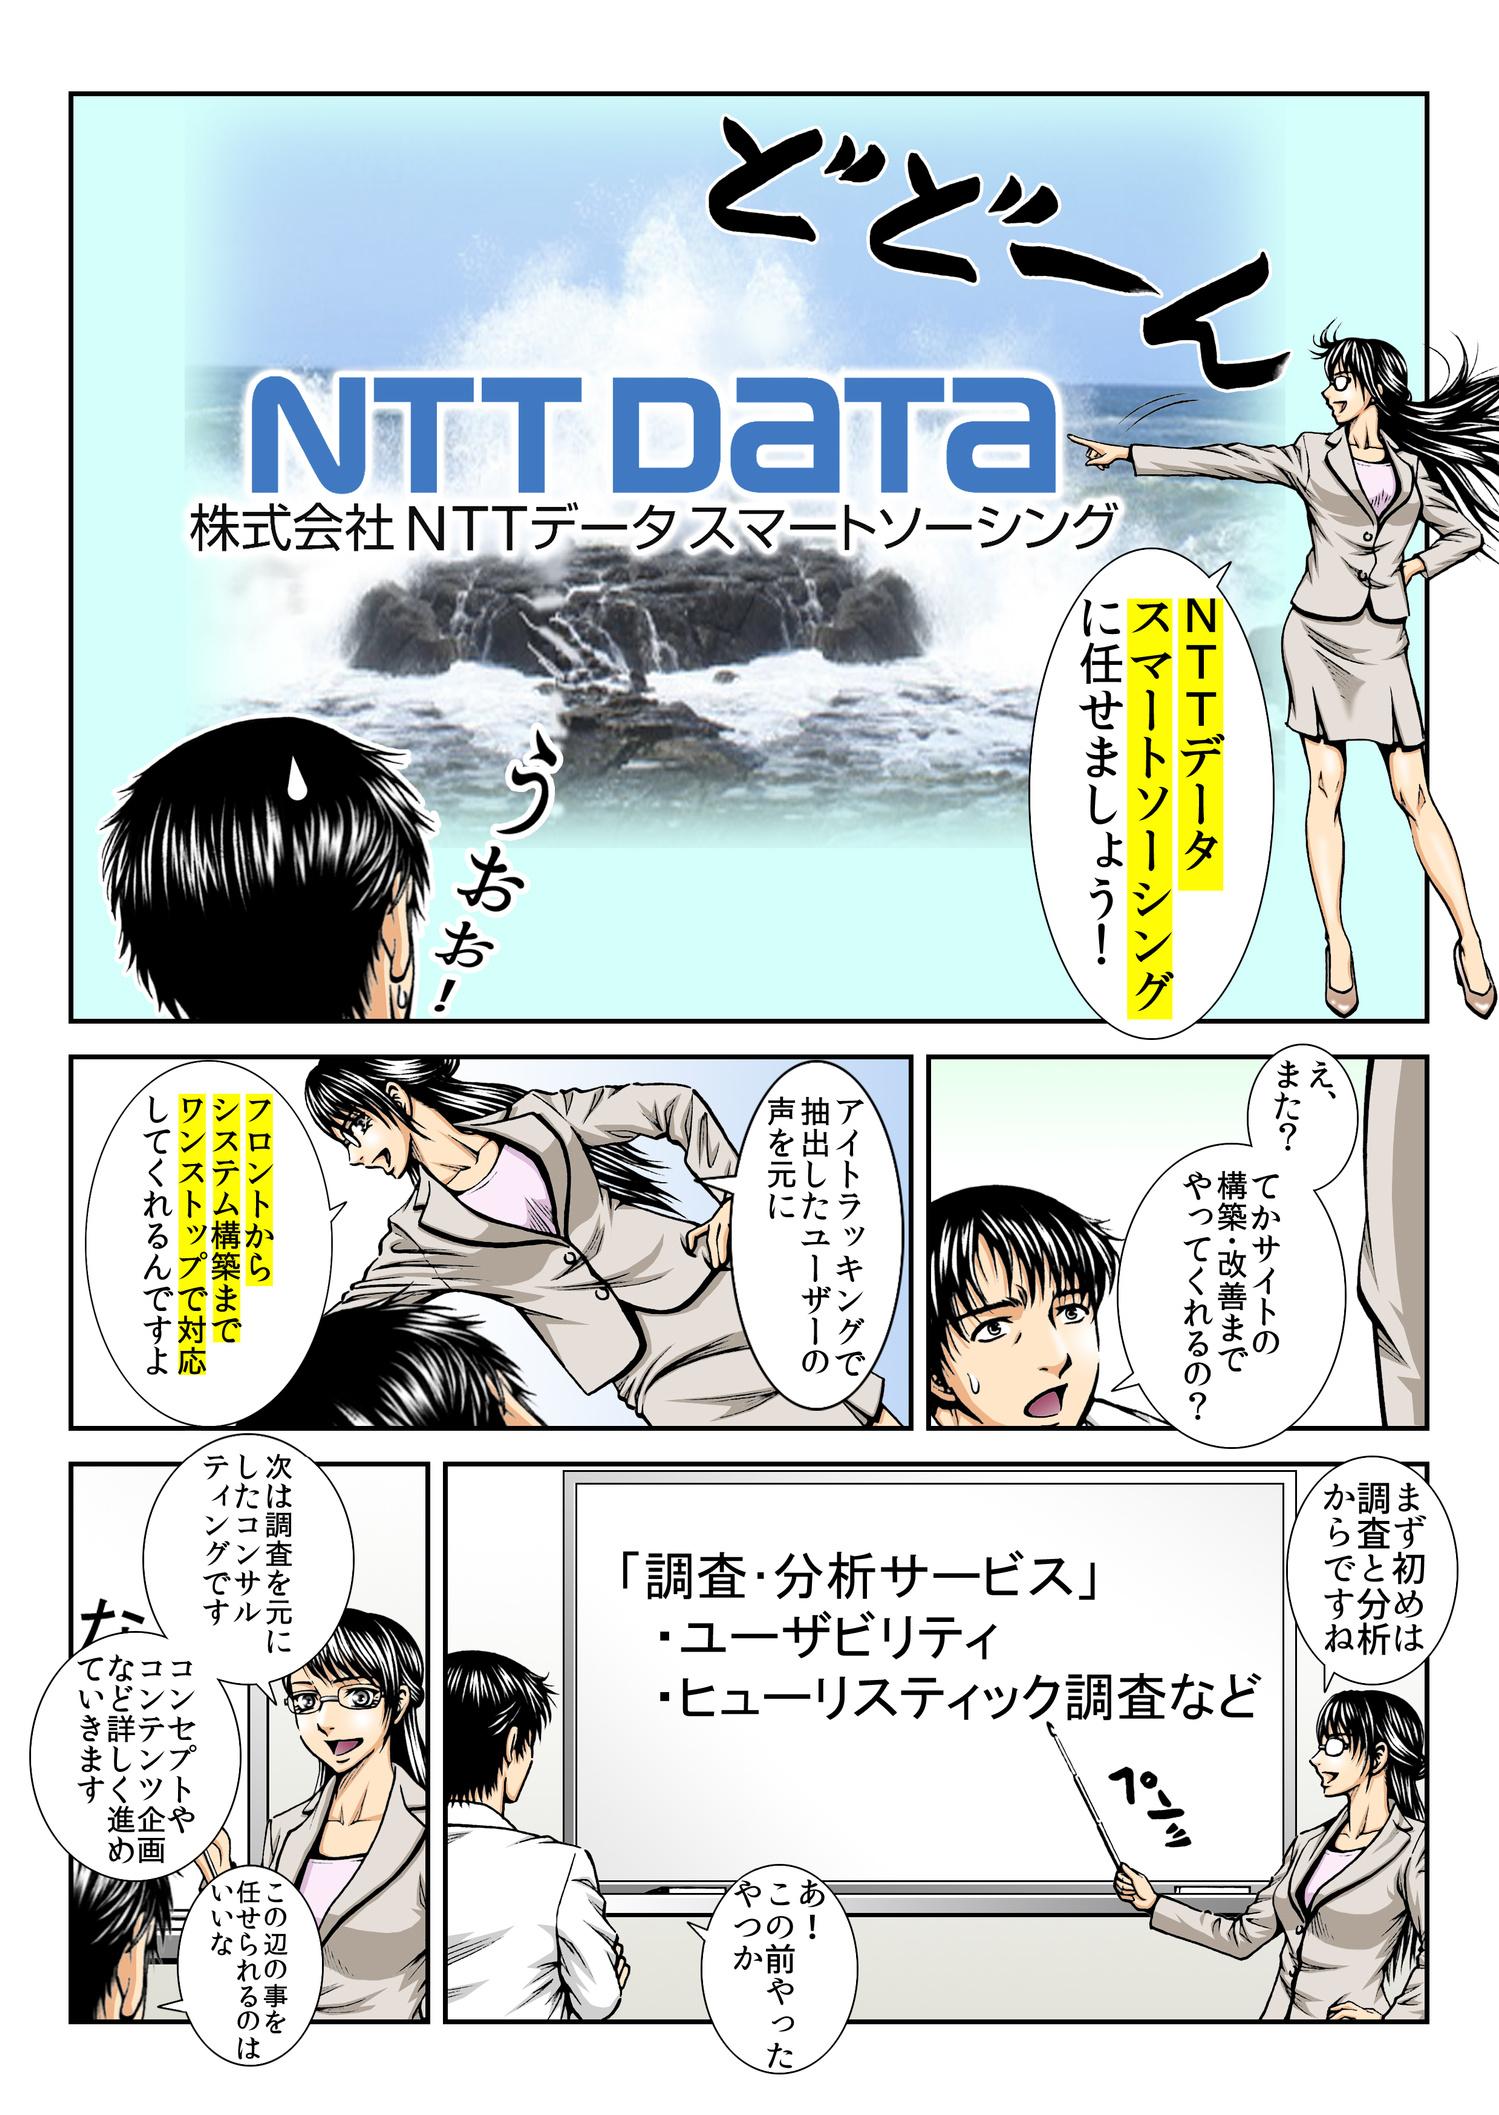 悩む斉藤さんに、相川さんがアイトラッキング調査を依頼したNTTデータスマートソーシングへの相談を提案する。フロントからシステム構築までをワンストップで対応できるNTTデータスマートソーシングでは、ユーザビリティやヒューリスティック調査などの調査・分析セービスを基にサイトのコンセプトやコンテンツ企画も対応できる。